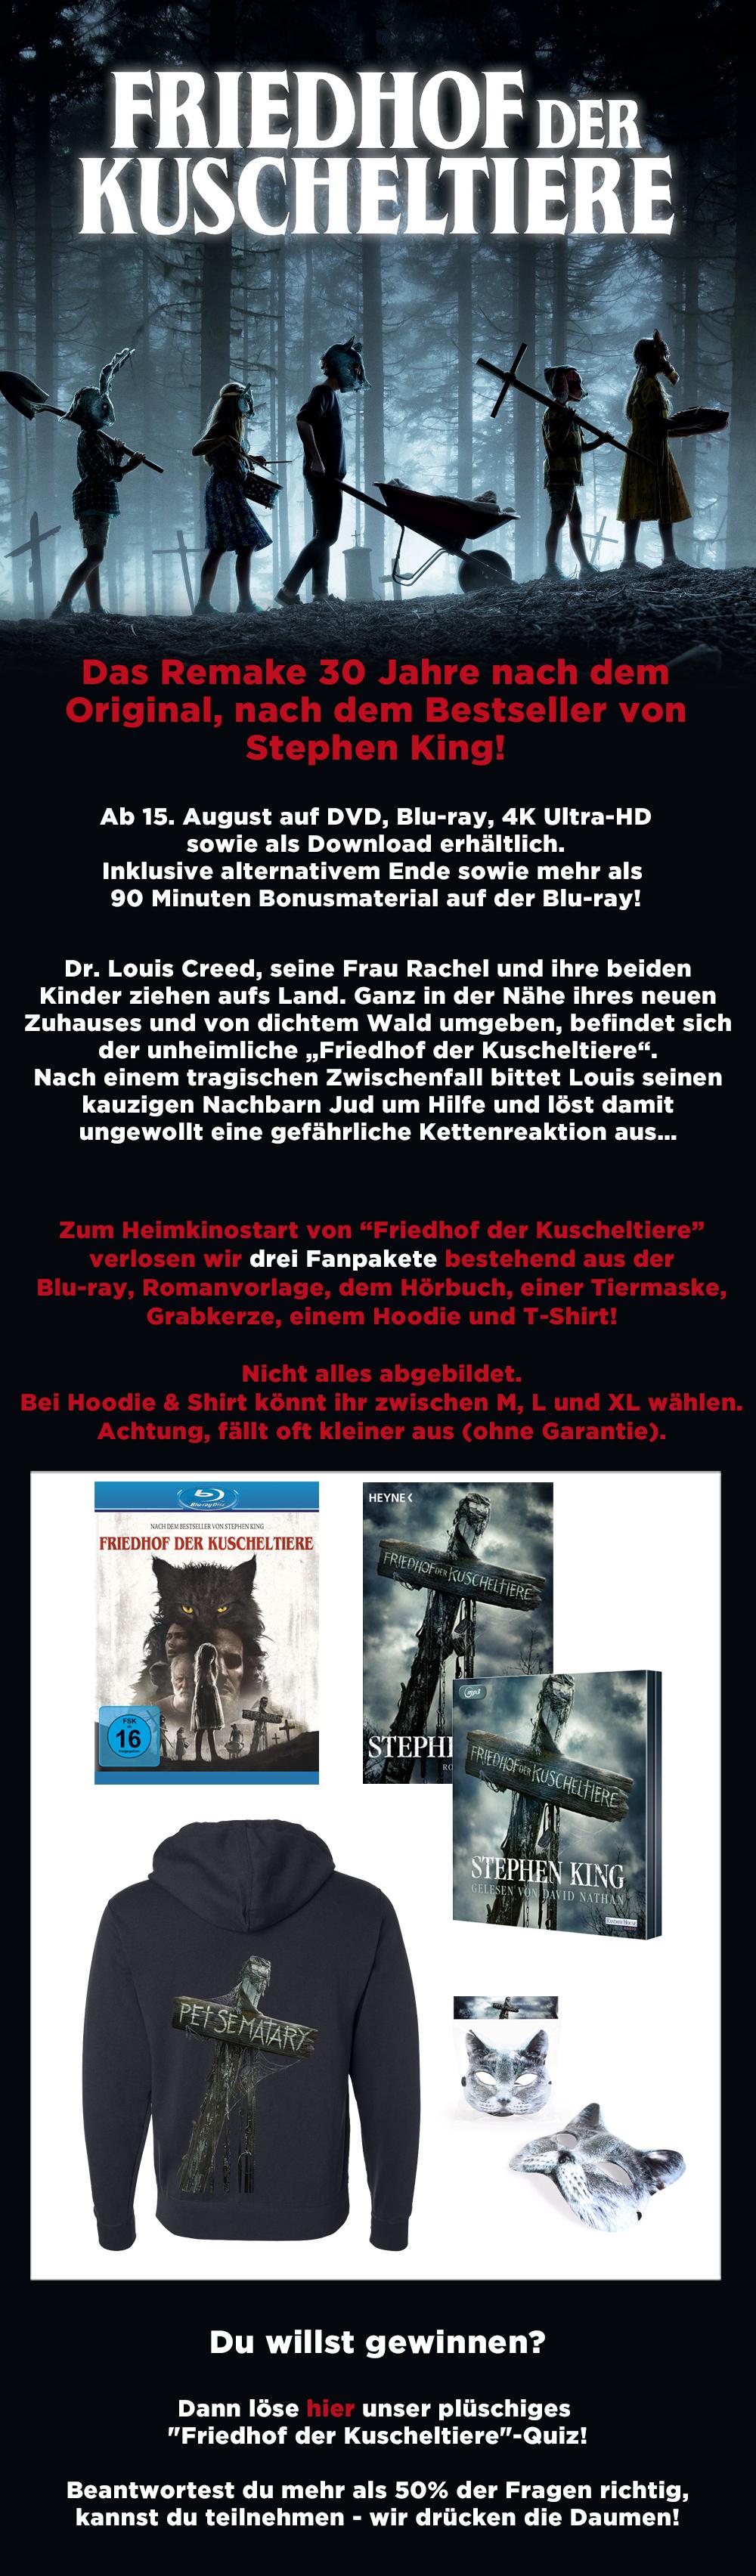 """Bild 1:Gewinnen, nicht gruseln! Unser """"Friedhof der Kuscheltiere""""-Gewinnspiel wartet!"""